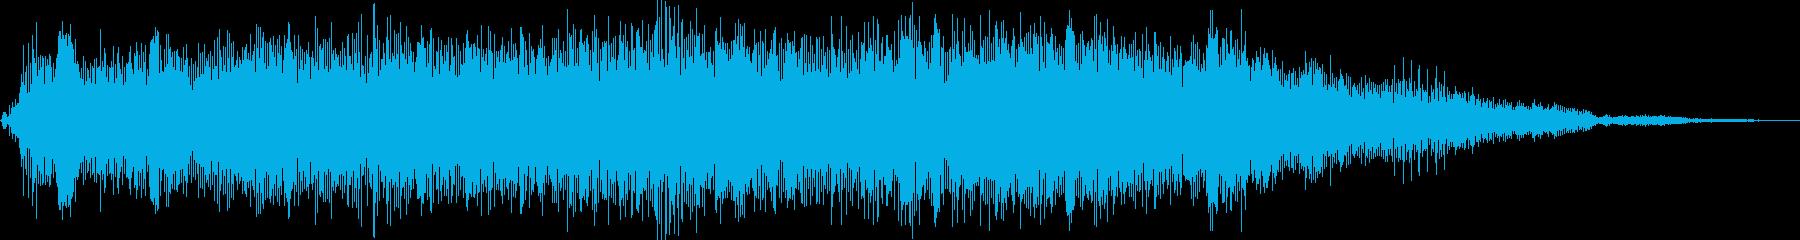 フォークポップのグループが演奏する...の再生済みの波形